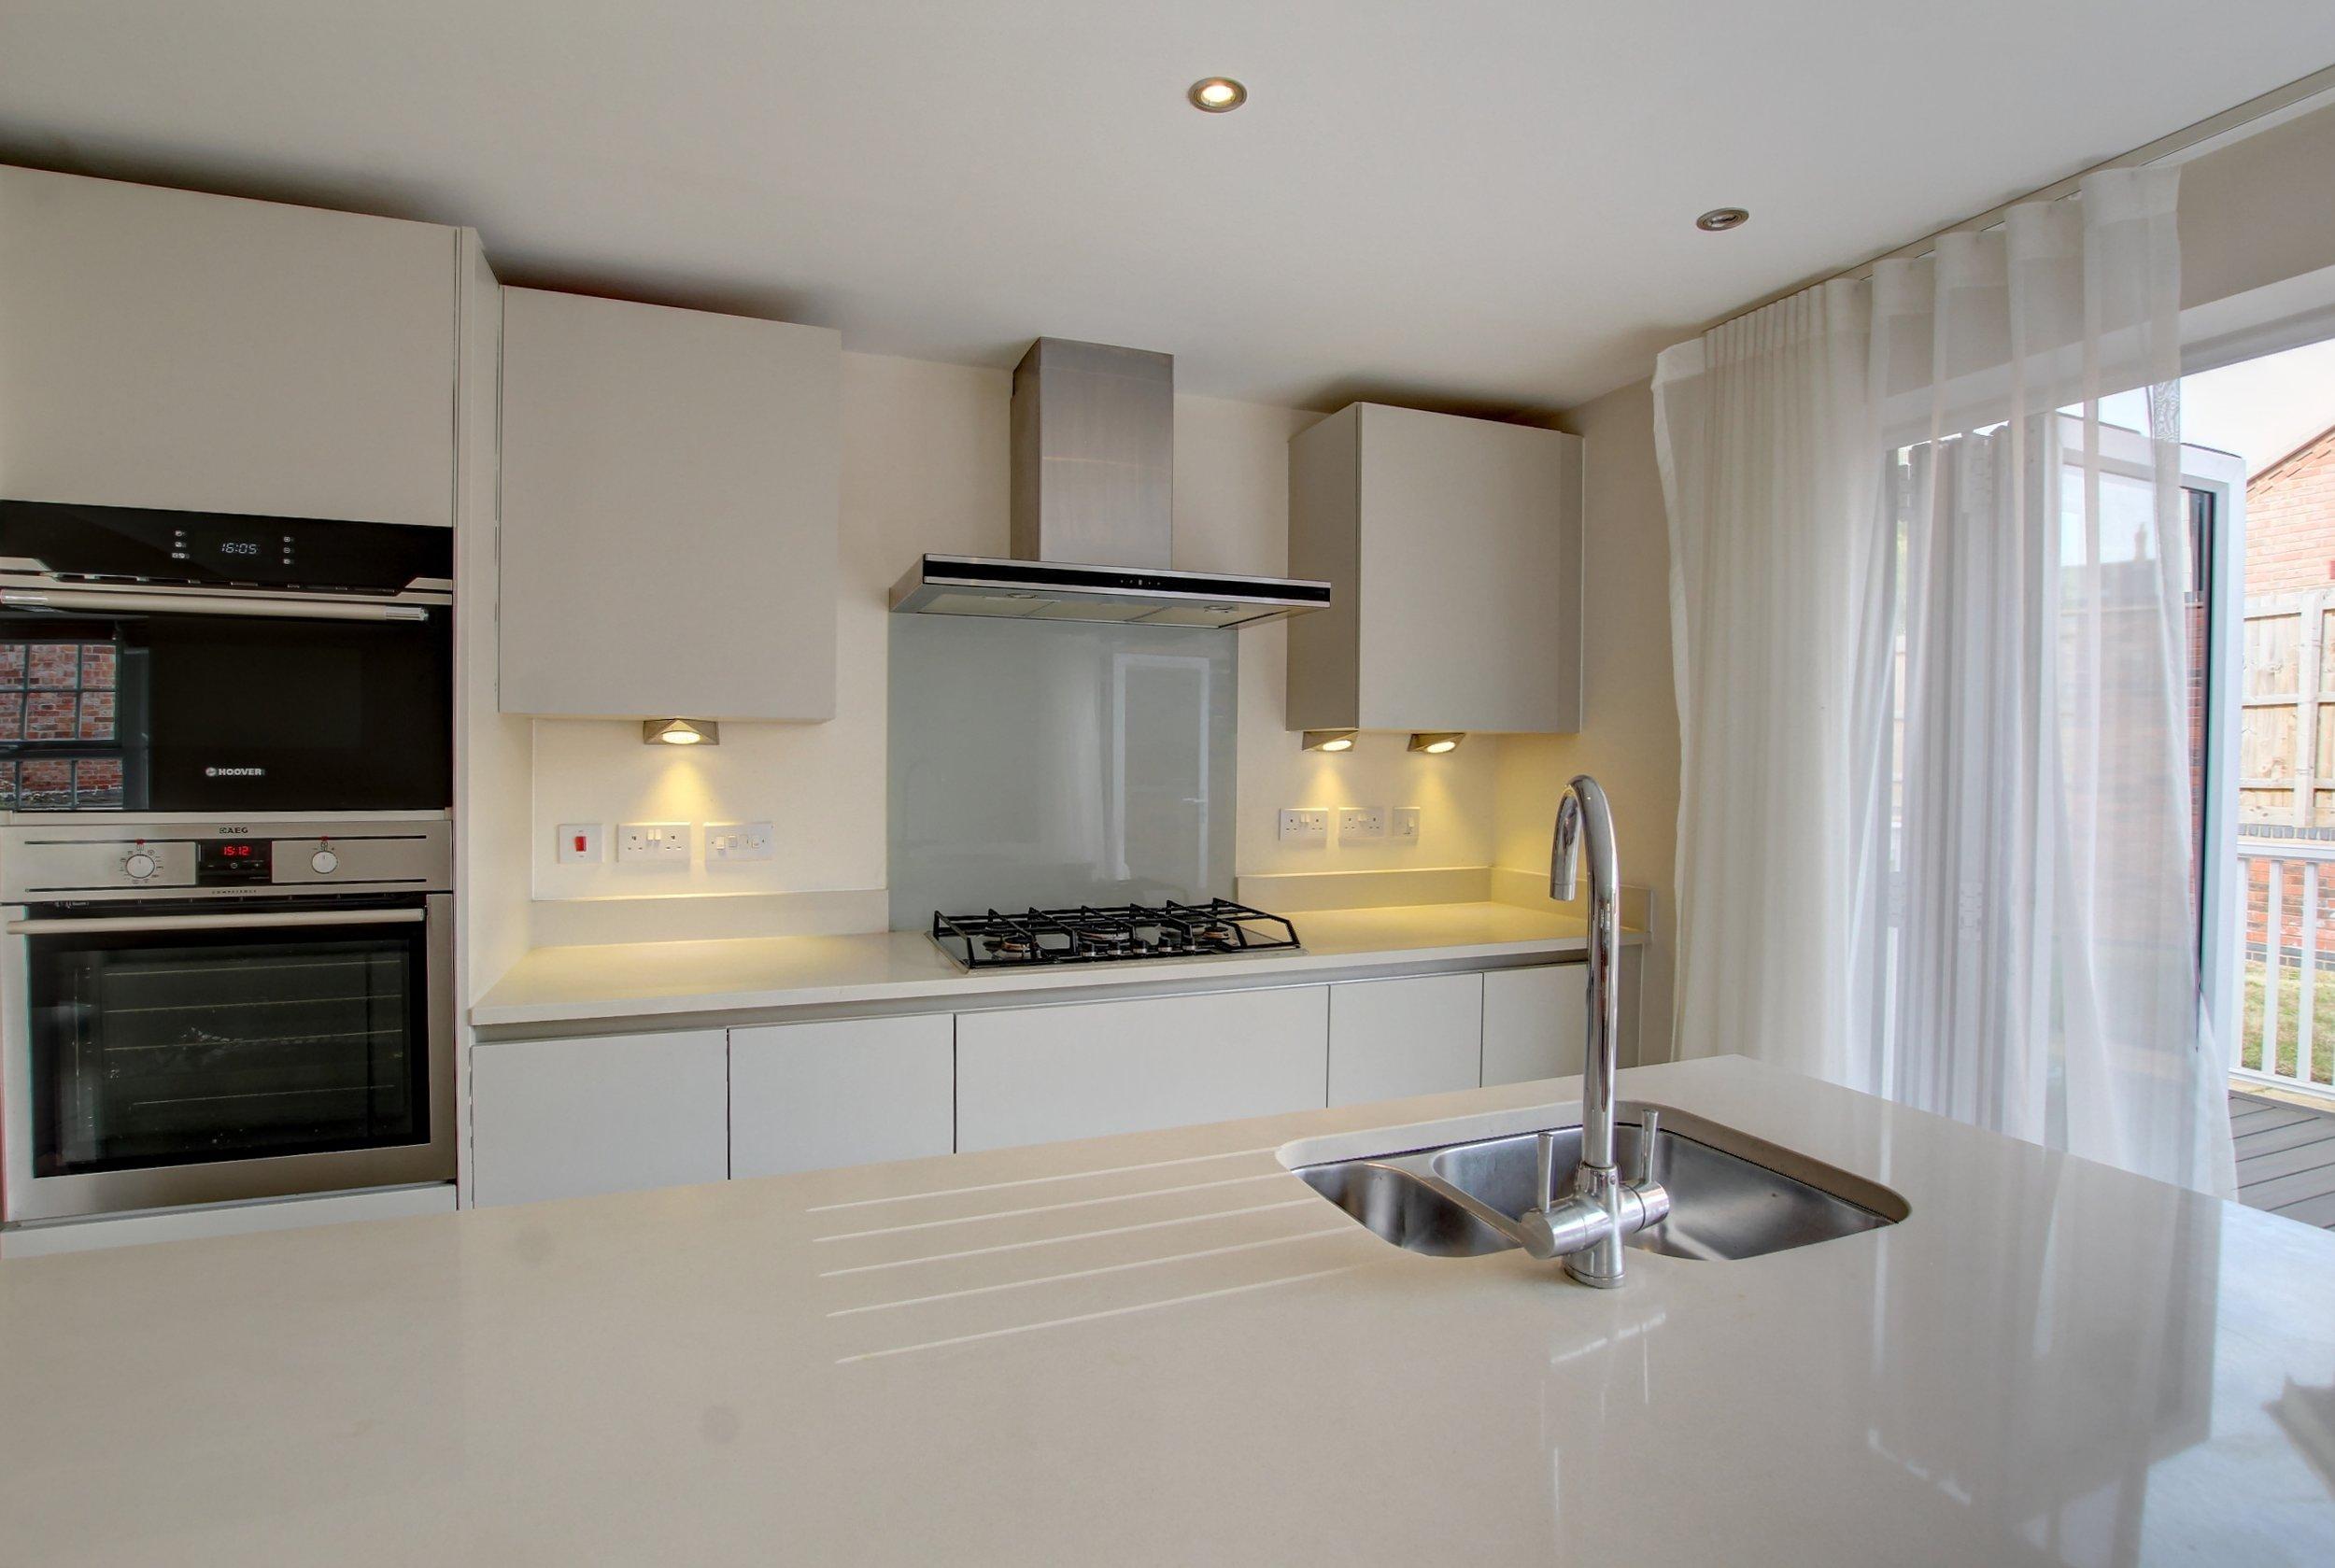 32 kitchen lifestyle.jpg